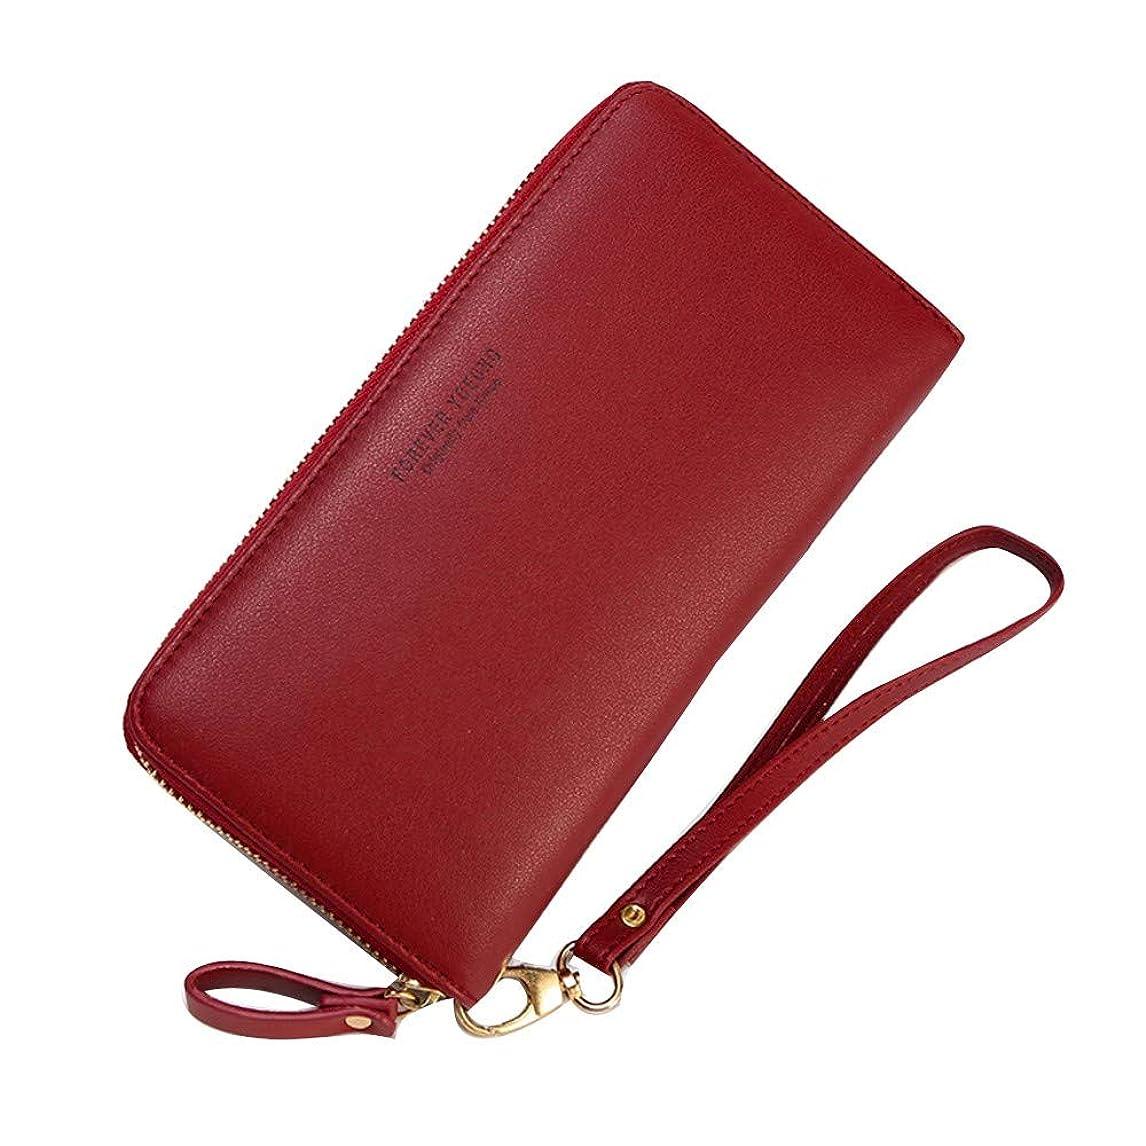 拮抗するちょうつがい前提Wolkaibi コインケース 革 レザー スマート 財布 薄型 大容量 カード収納 パスケースにも/ギフトボックスセット 小銭入れ 本革 大容量コインケース ツインファスナー 財布 本革コインケース 学生 韓国ファッション